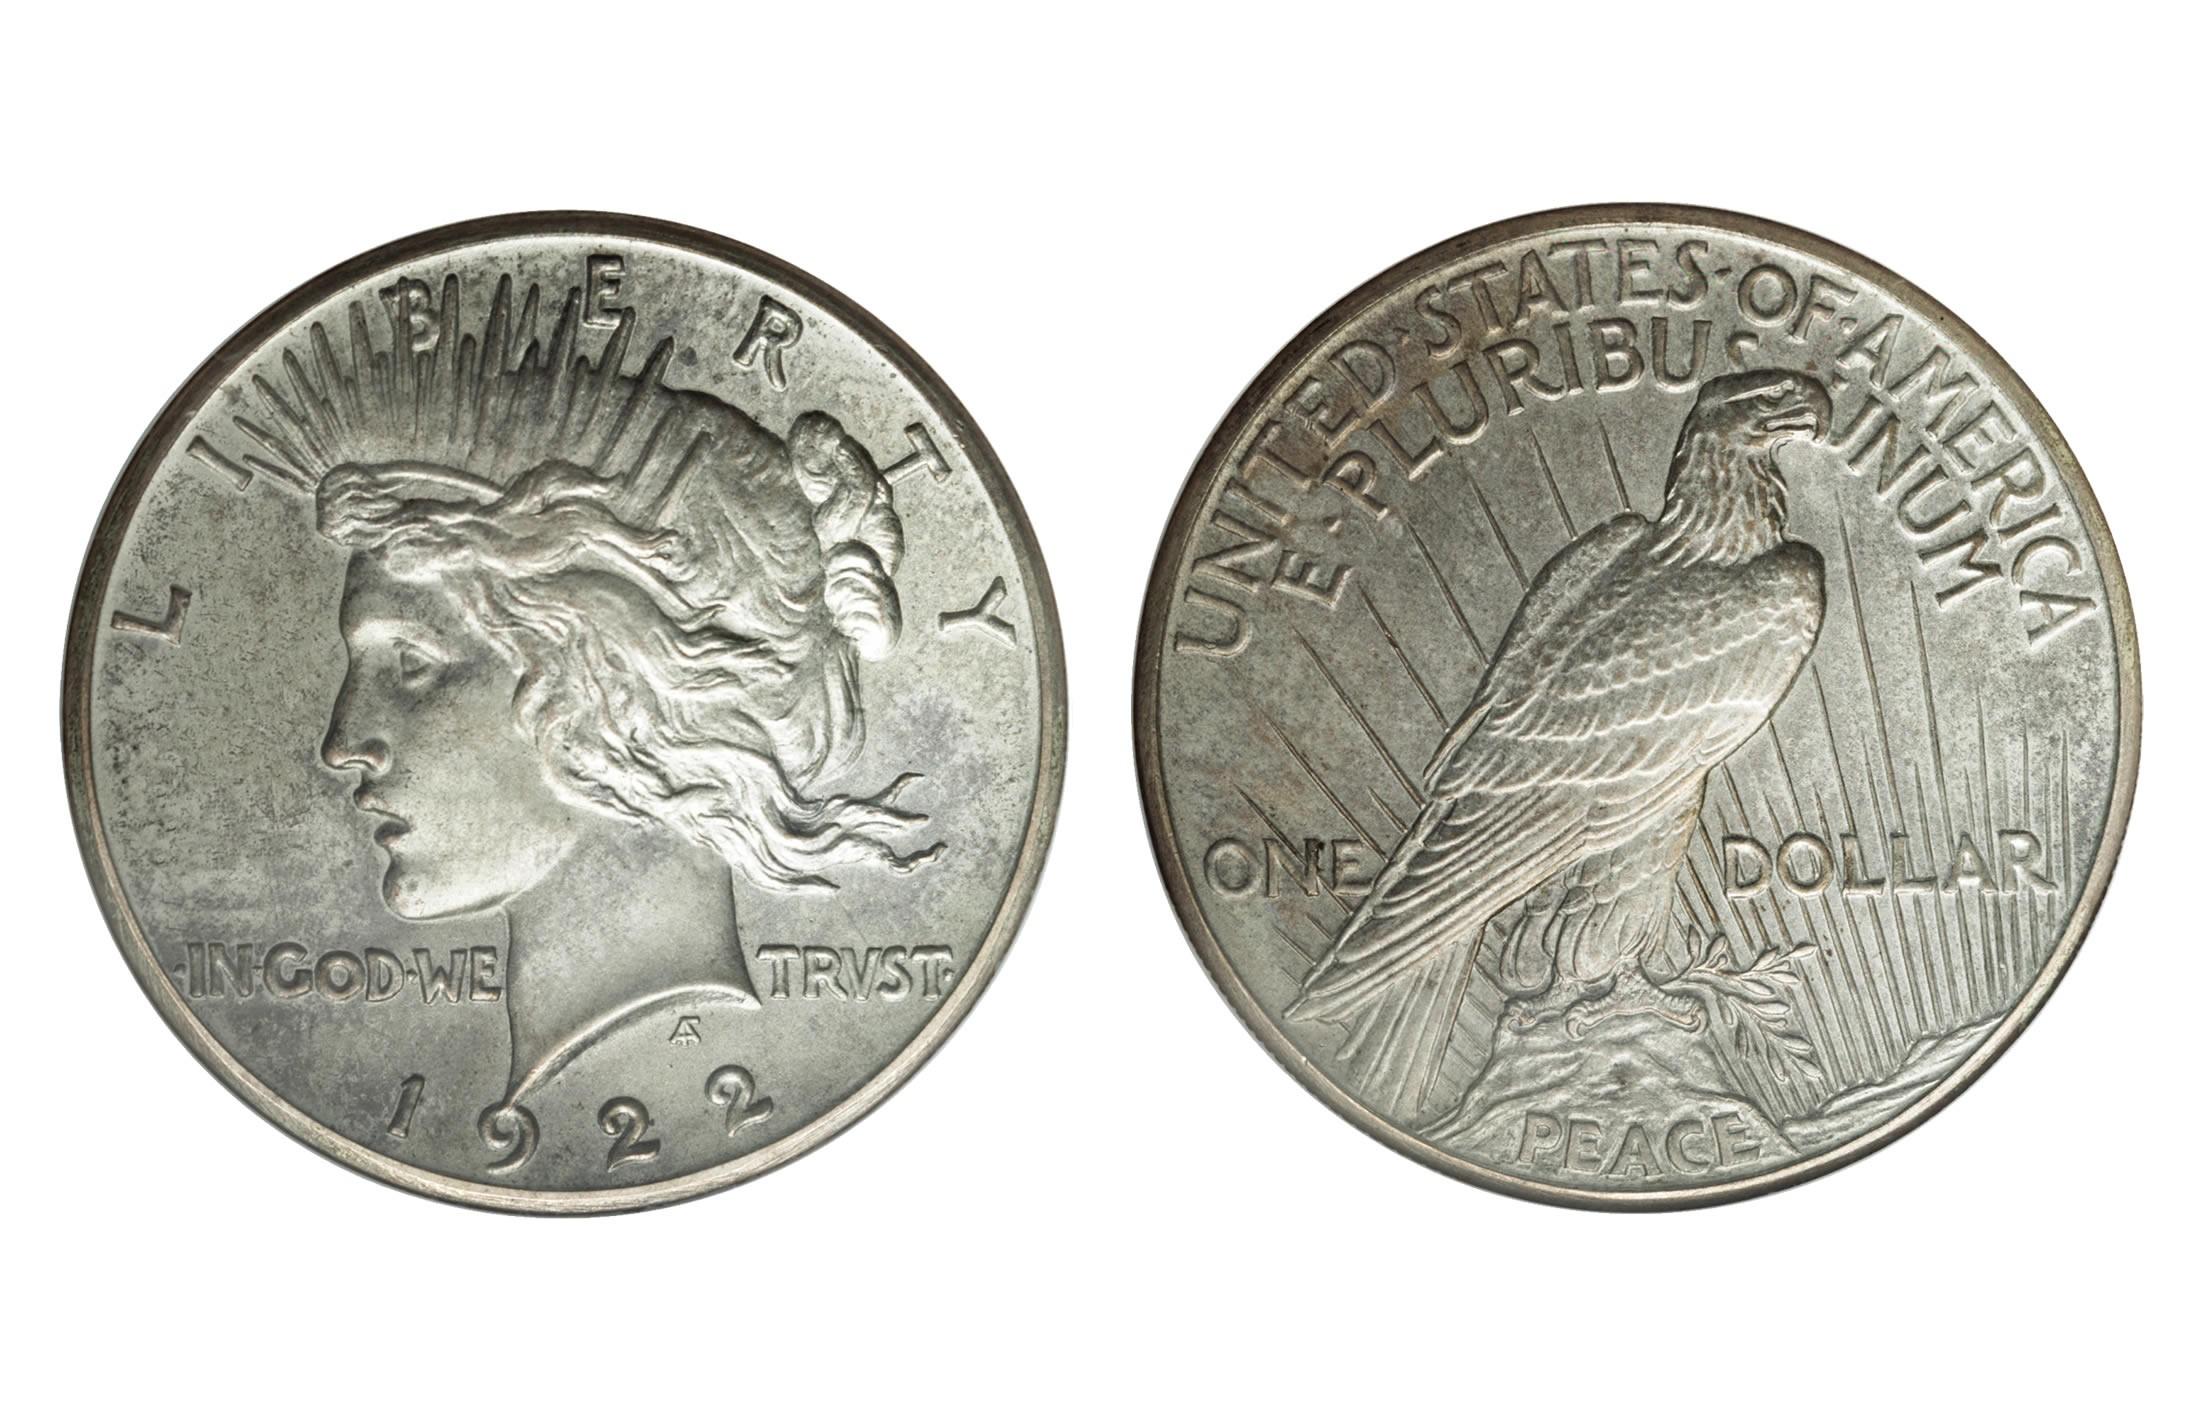 1921 Silver Dollar Value E Pluribus Unum